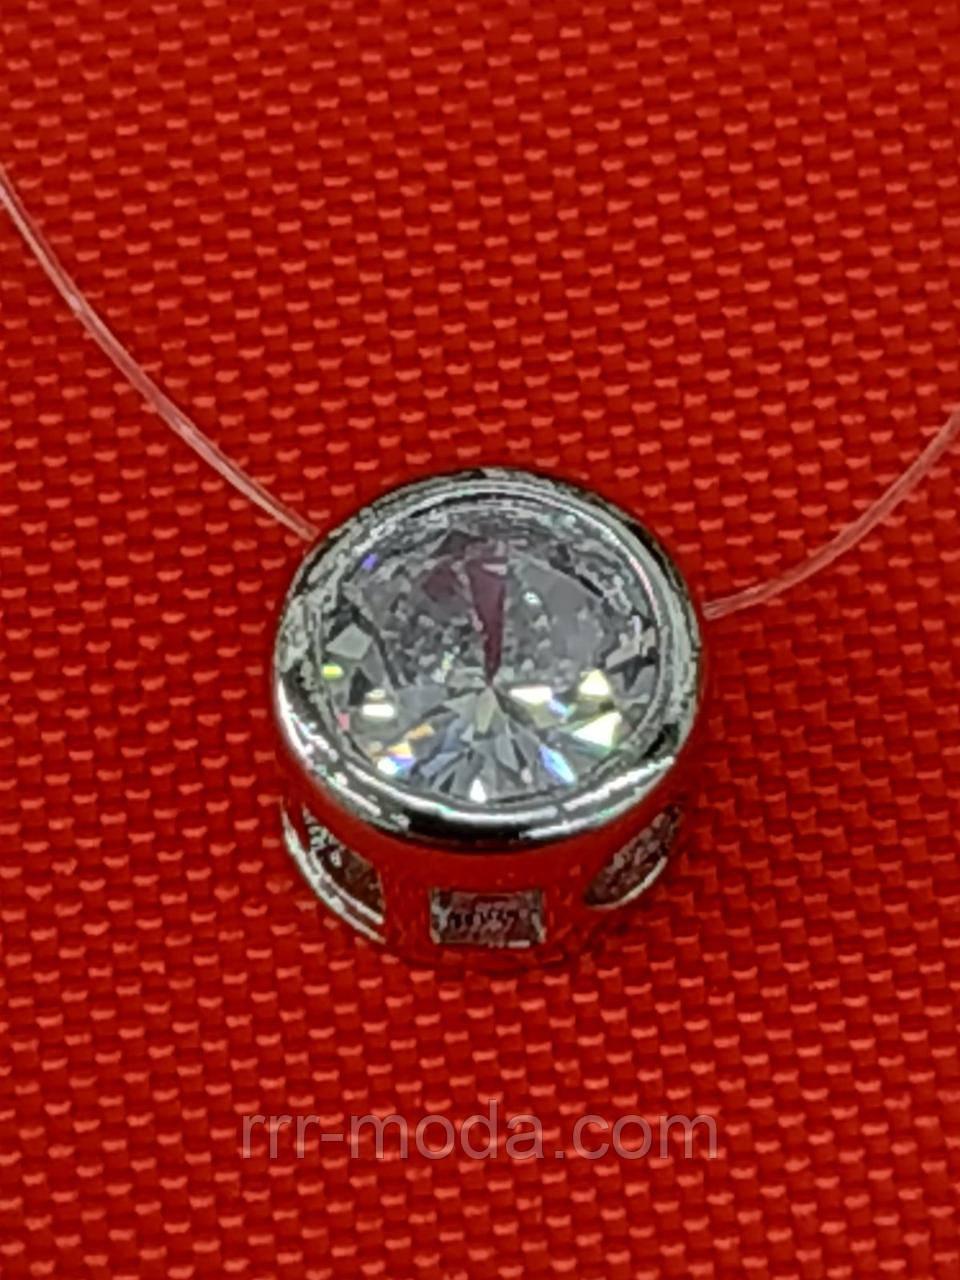 396 Кулоны кристаллы в серебре (4 размера), женская кулон - подвеска на силиконе.